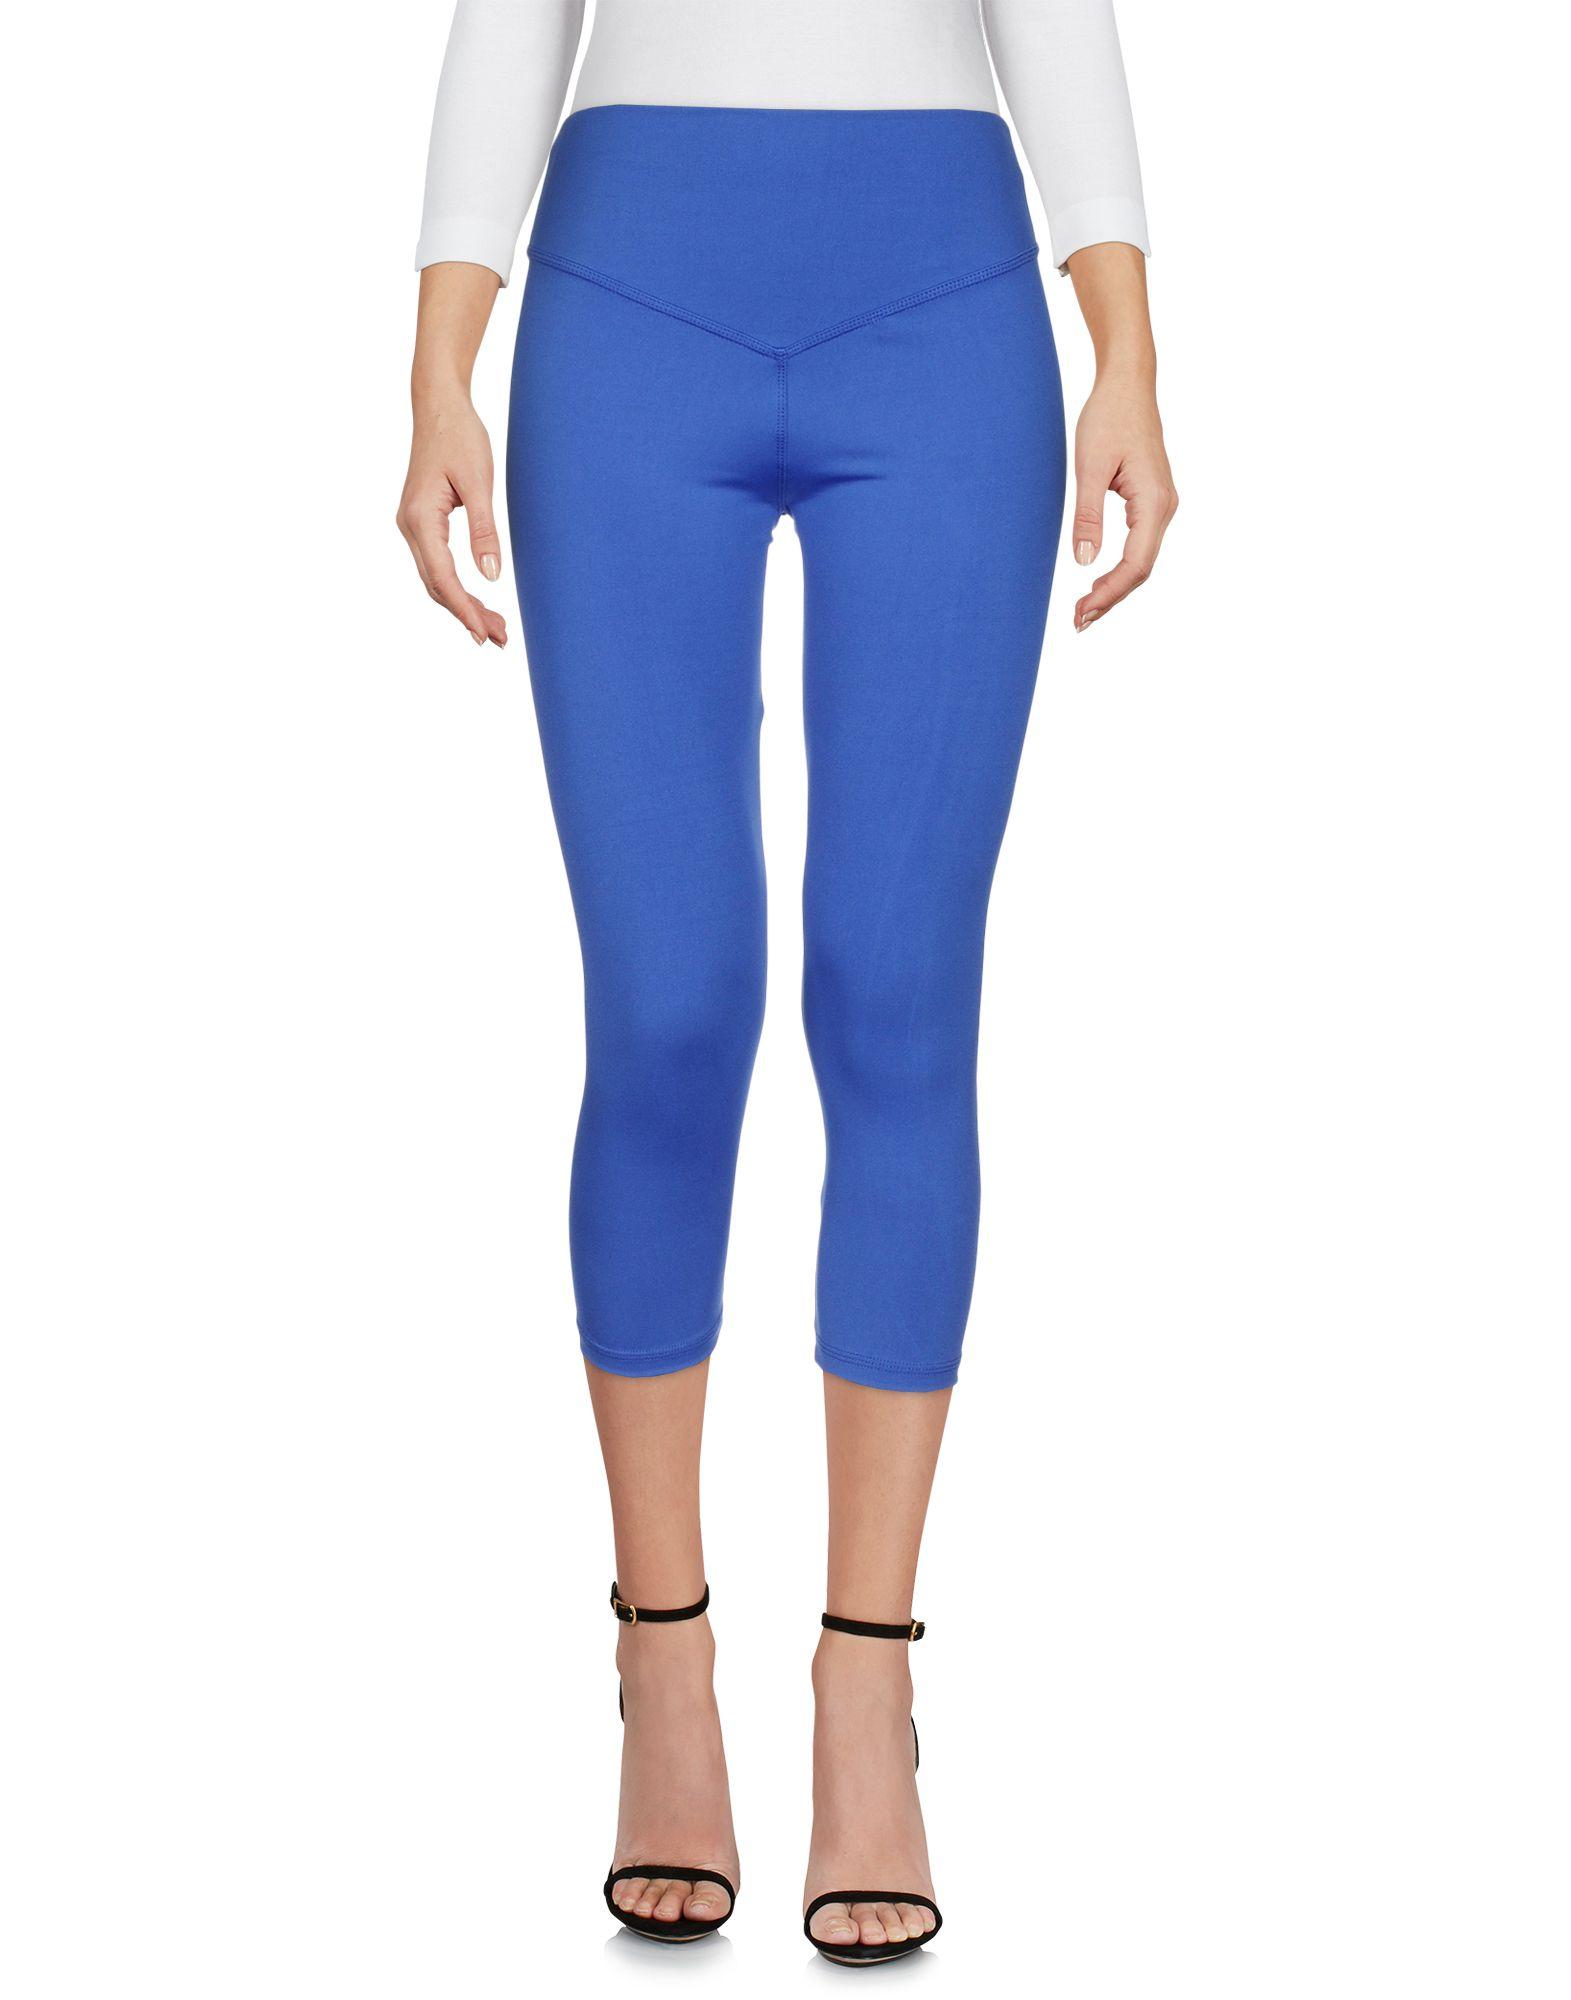 OLYMPIA ACTIVEWEAR Leggings in Blue